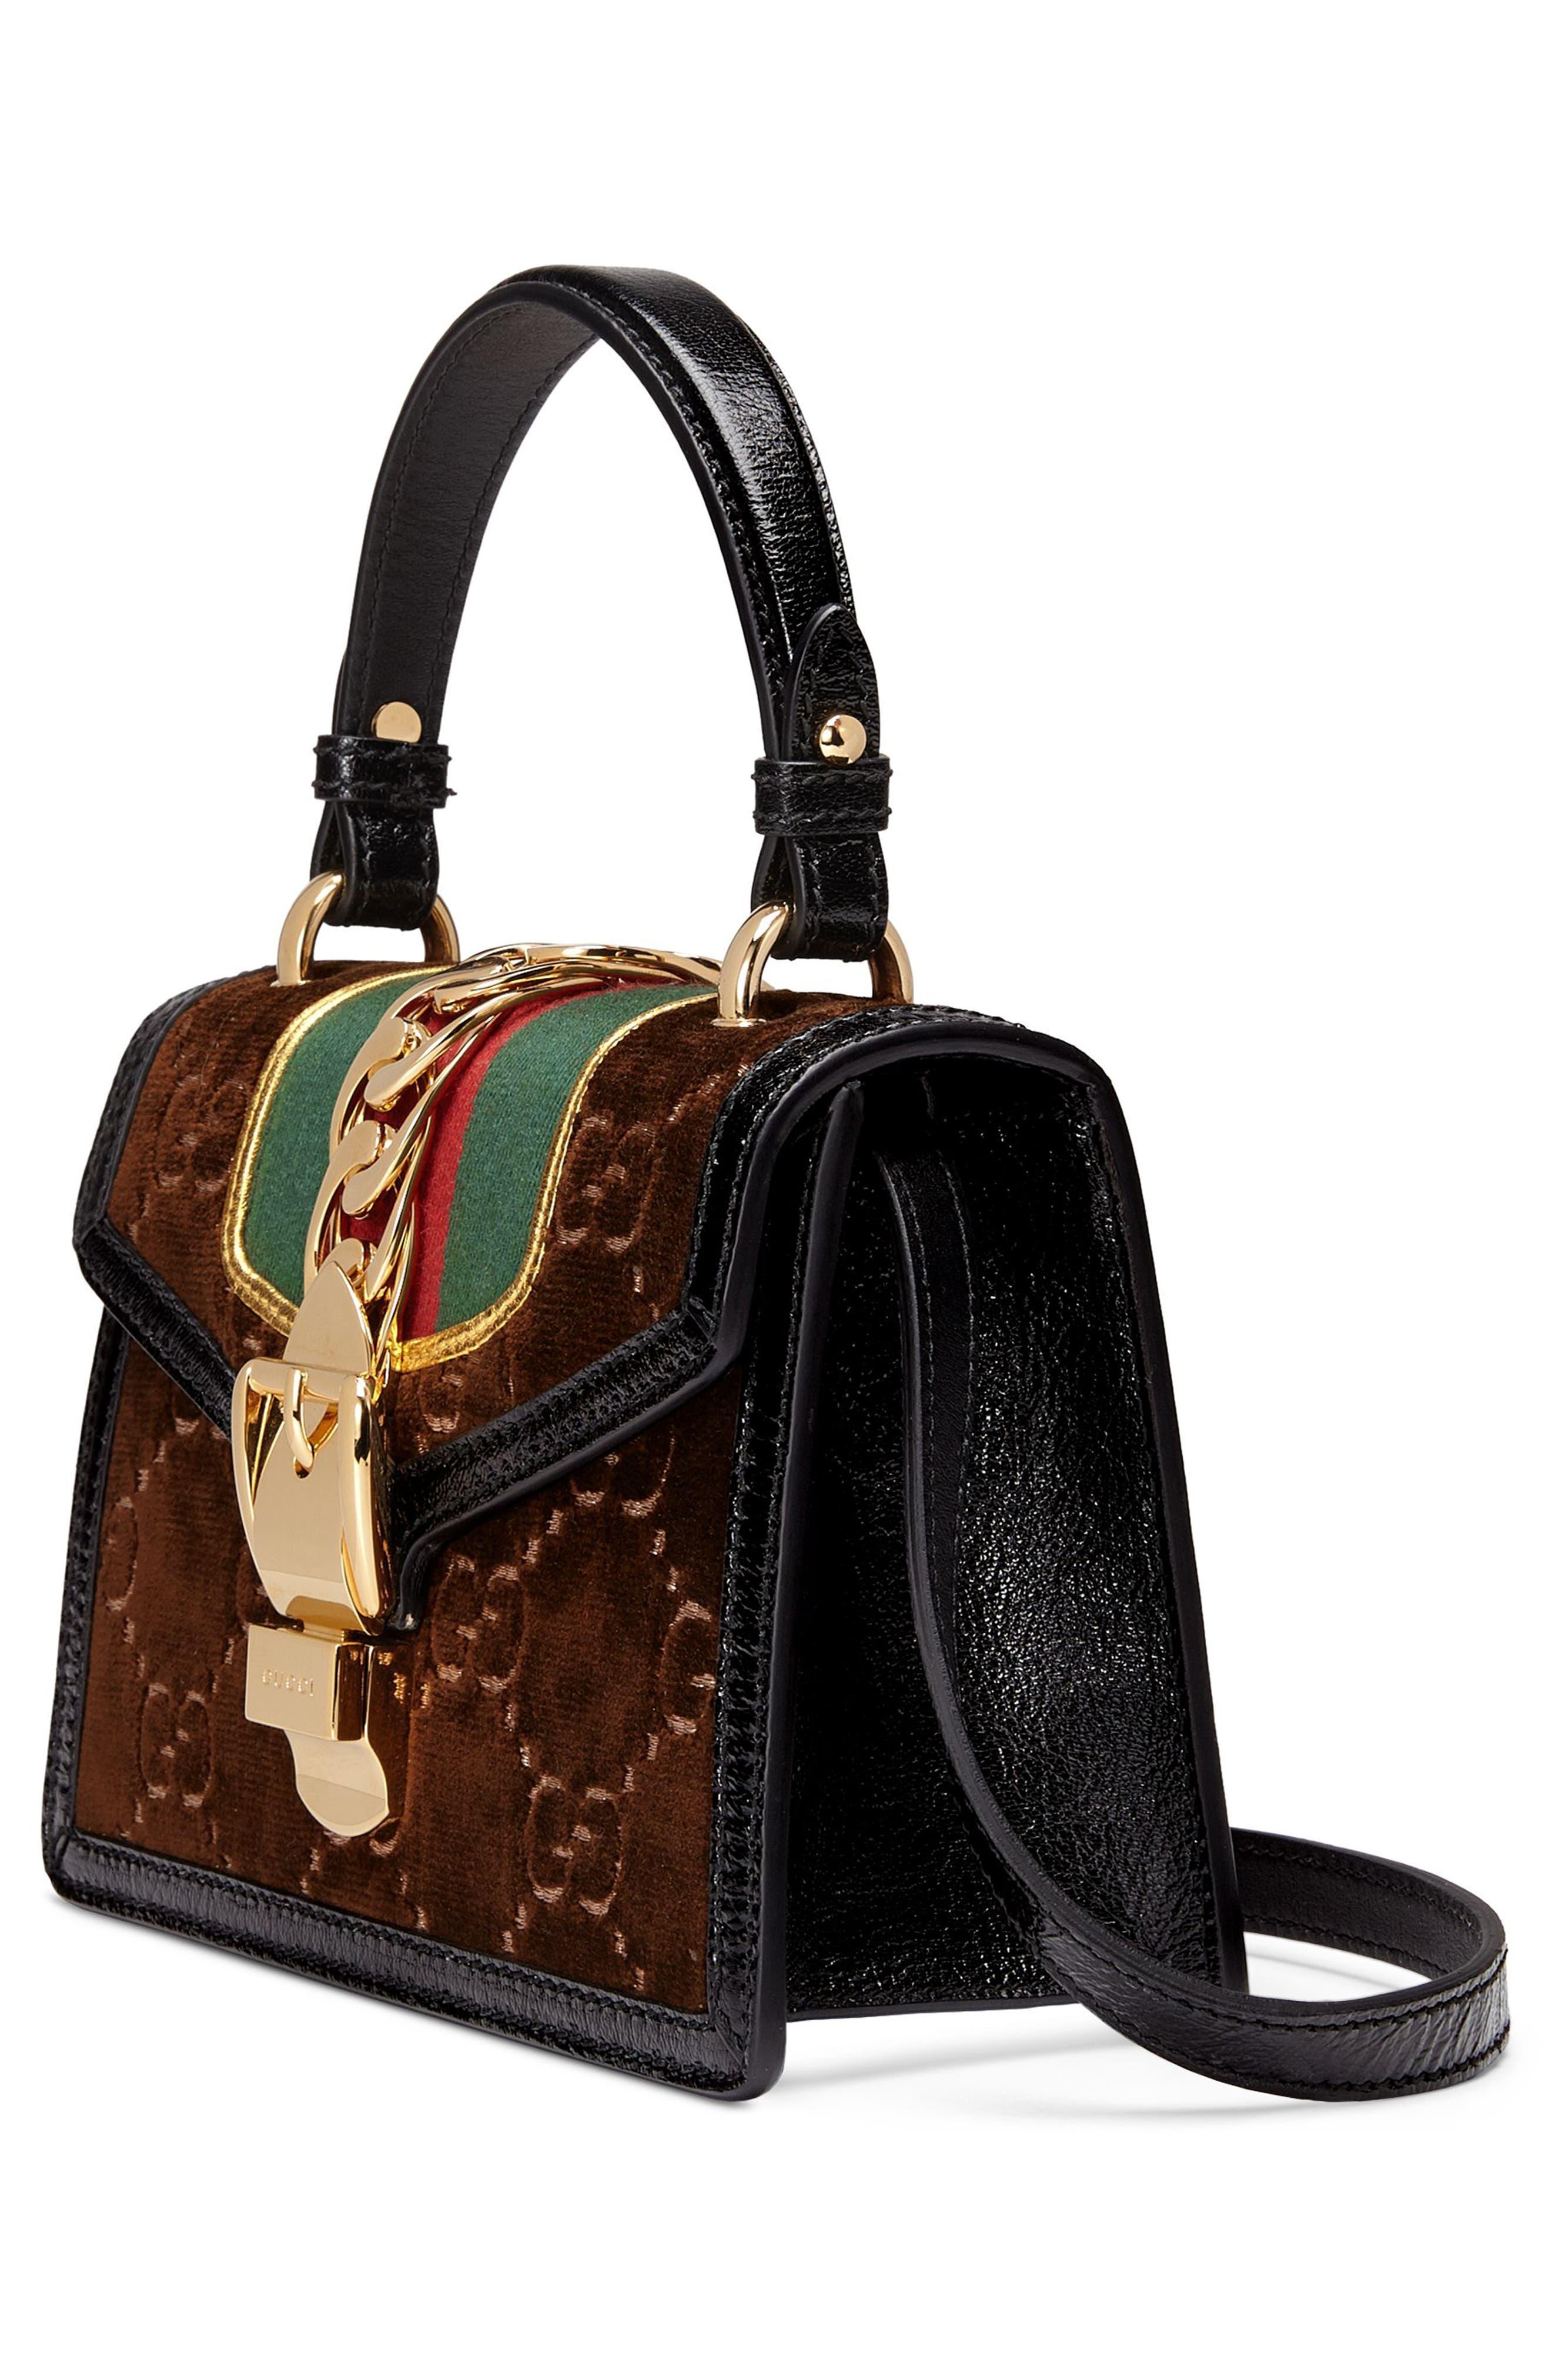 Mini Sylvie Velvet Top Handle Bag,                             Alternate thumbnail 5, color,                             BROWN/ NERO/ VERT RED VERT